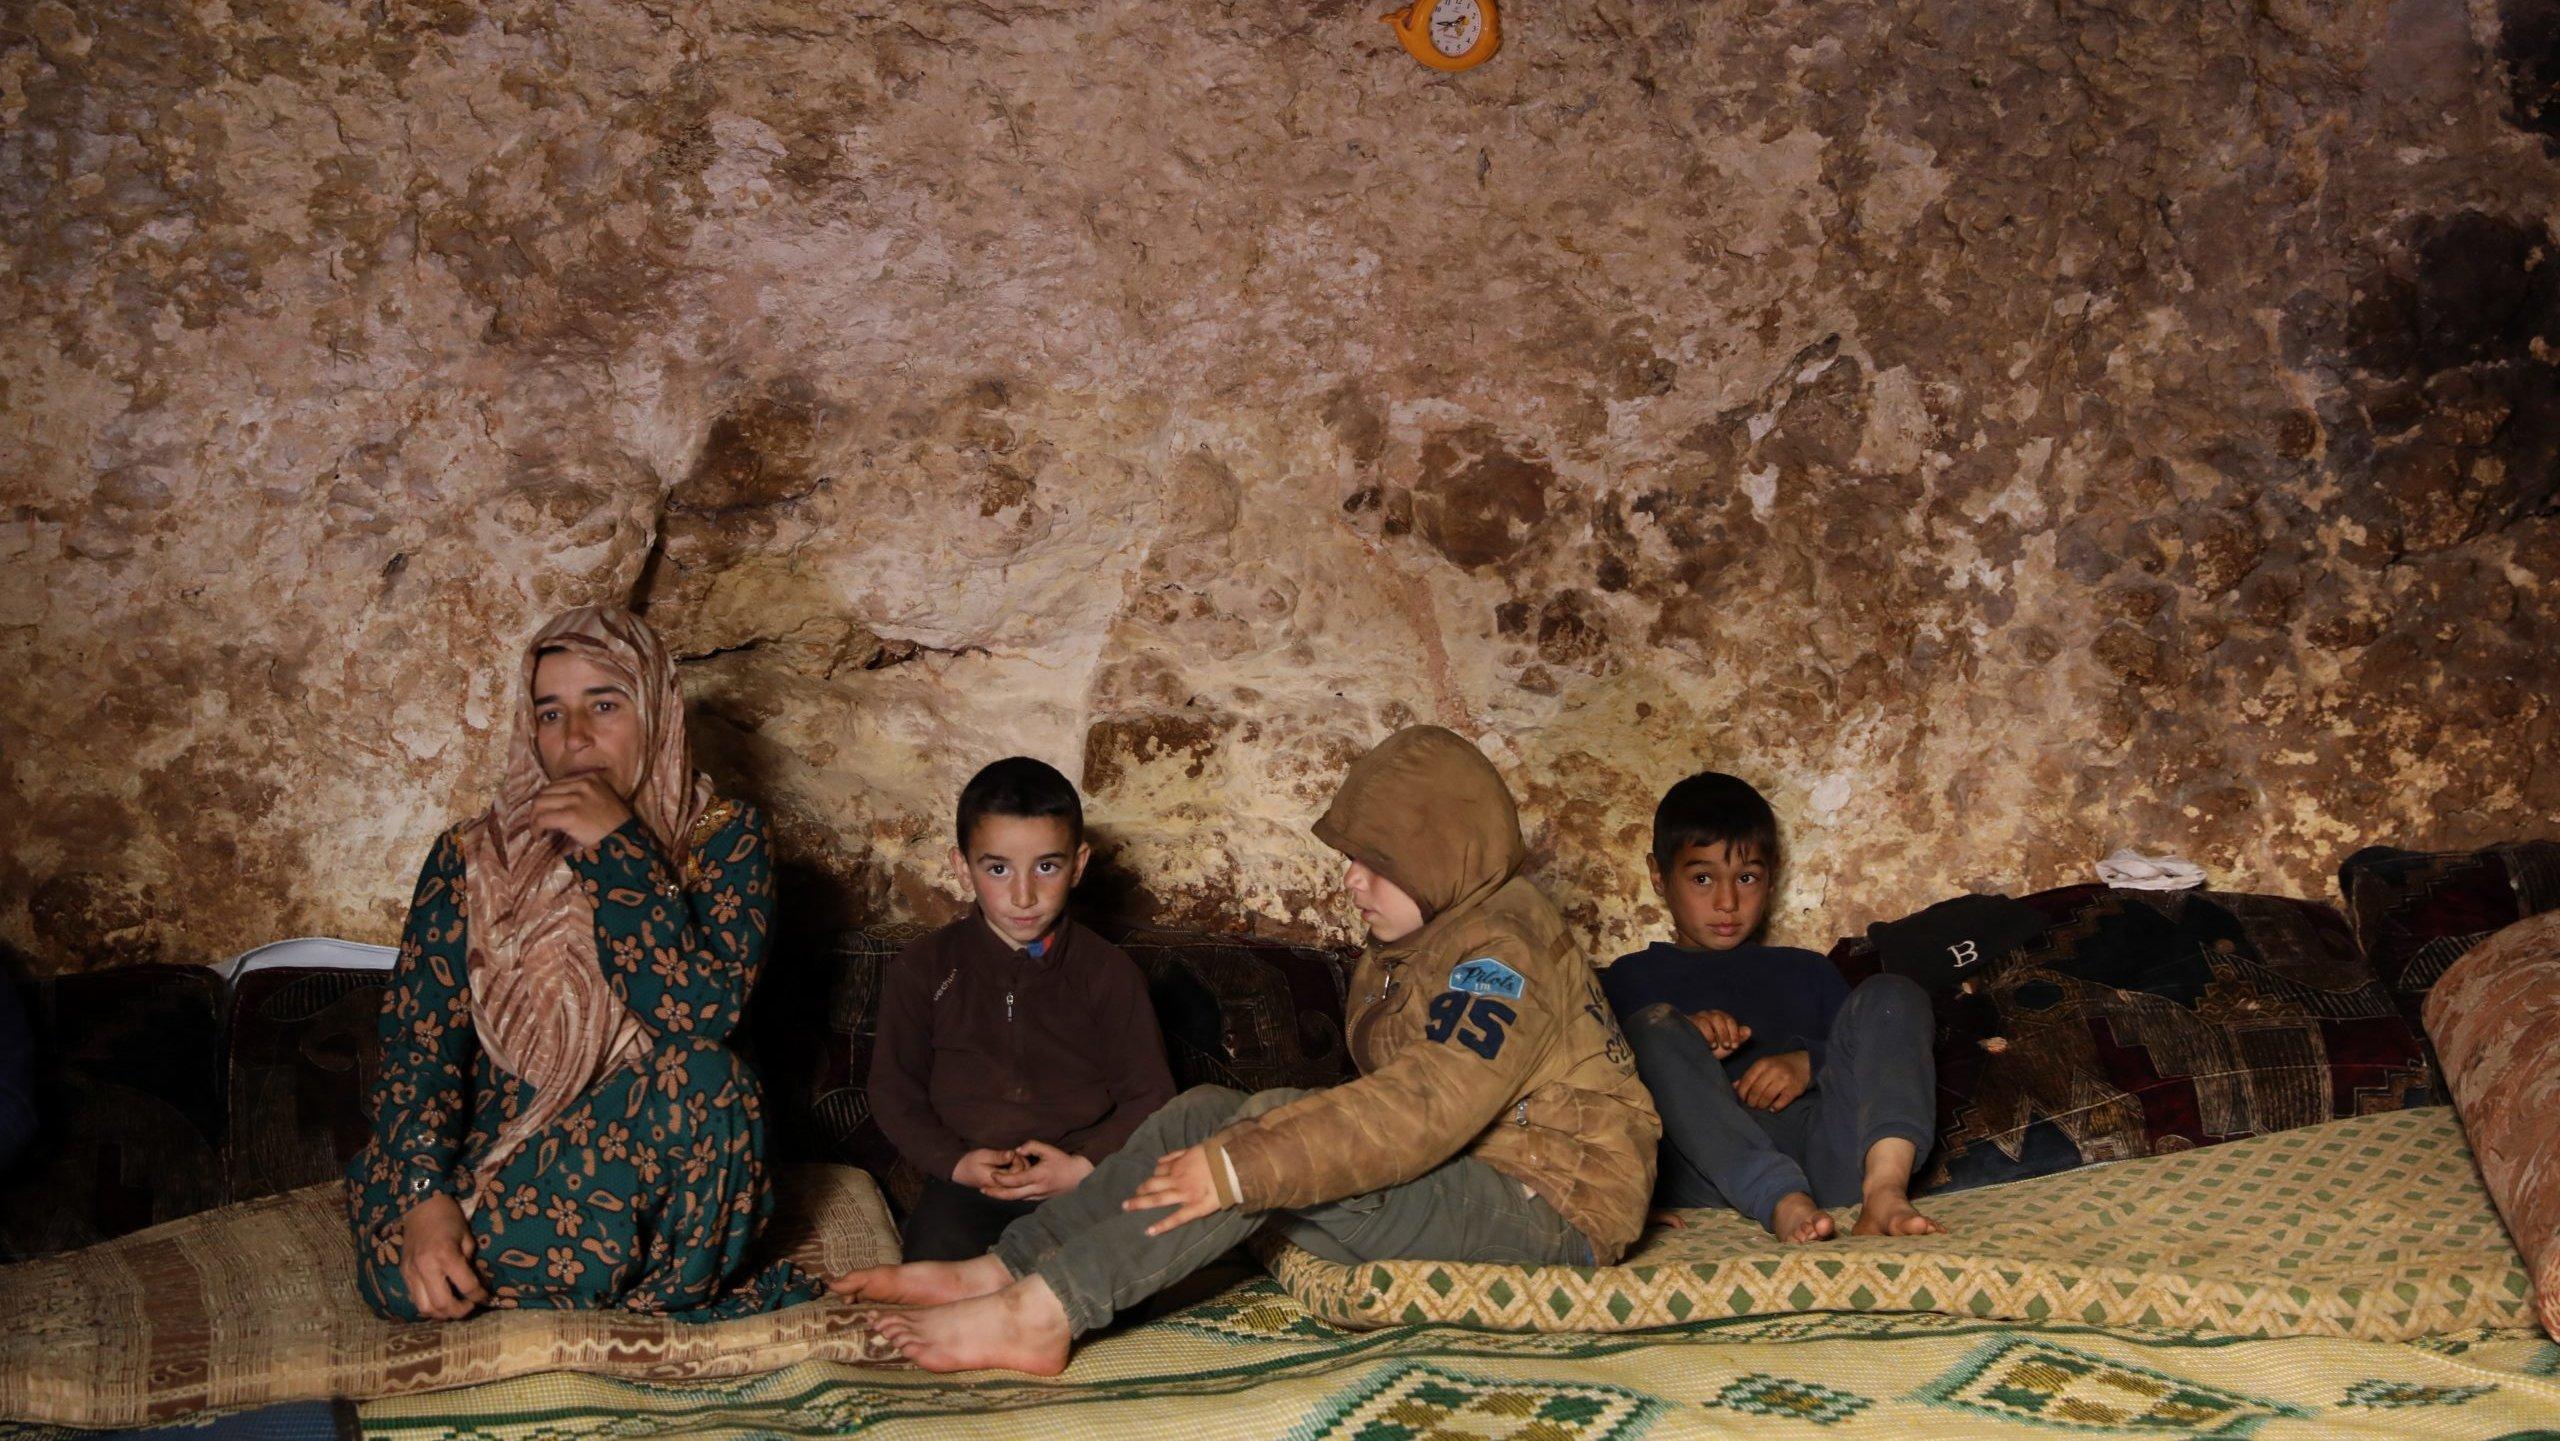 Famílias deslocadas vivem em abrigos subterrâneos em Idlib